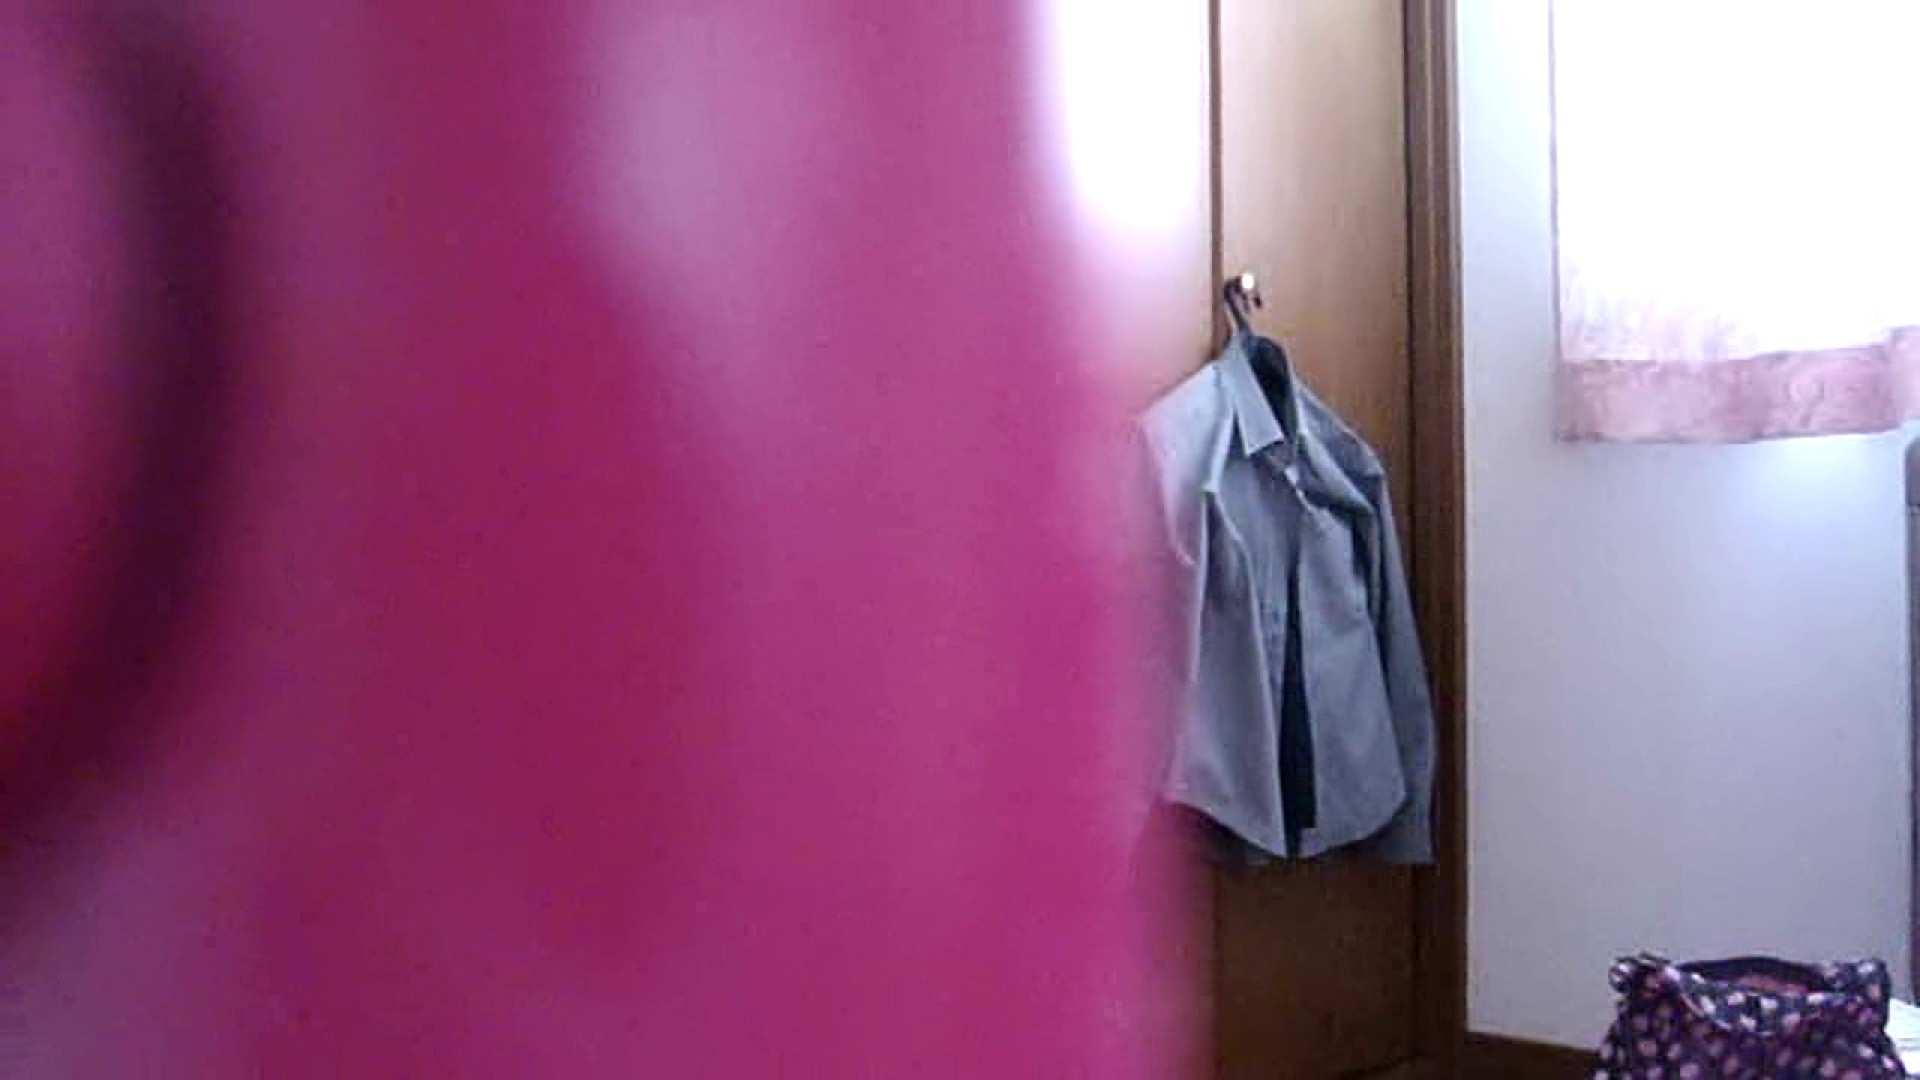 Vol.01 葵のいつもと変わらぬ朝の日常をご覧ください。 巨乳編  110PIX 60